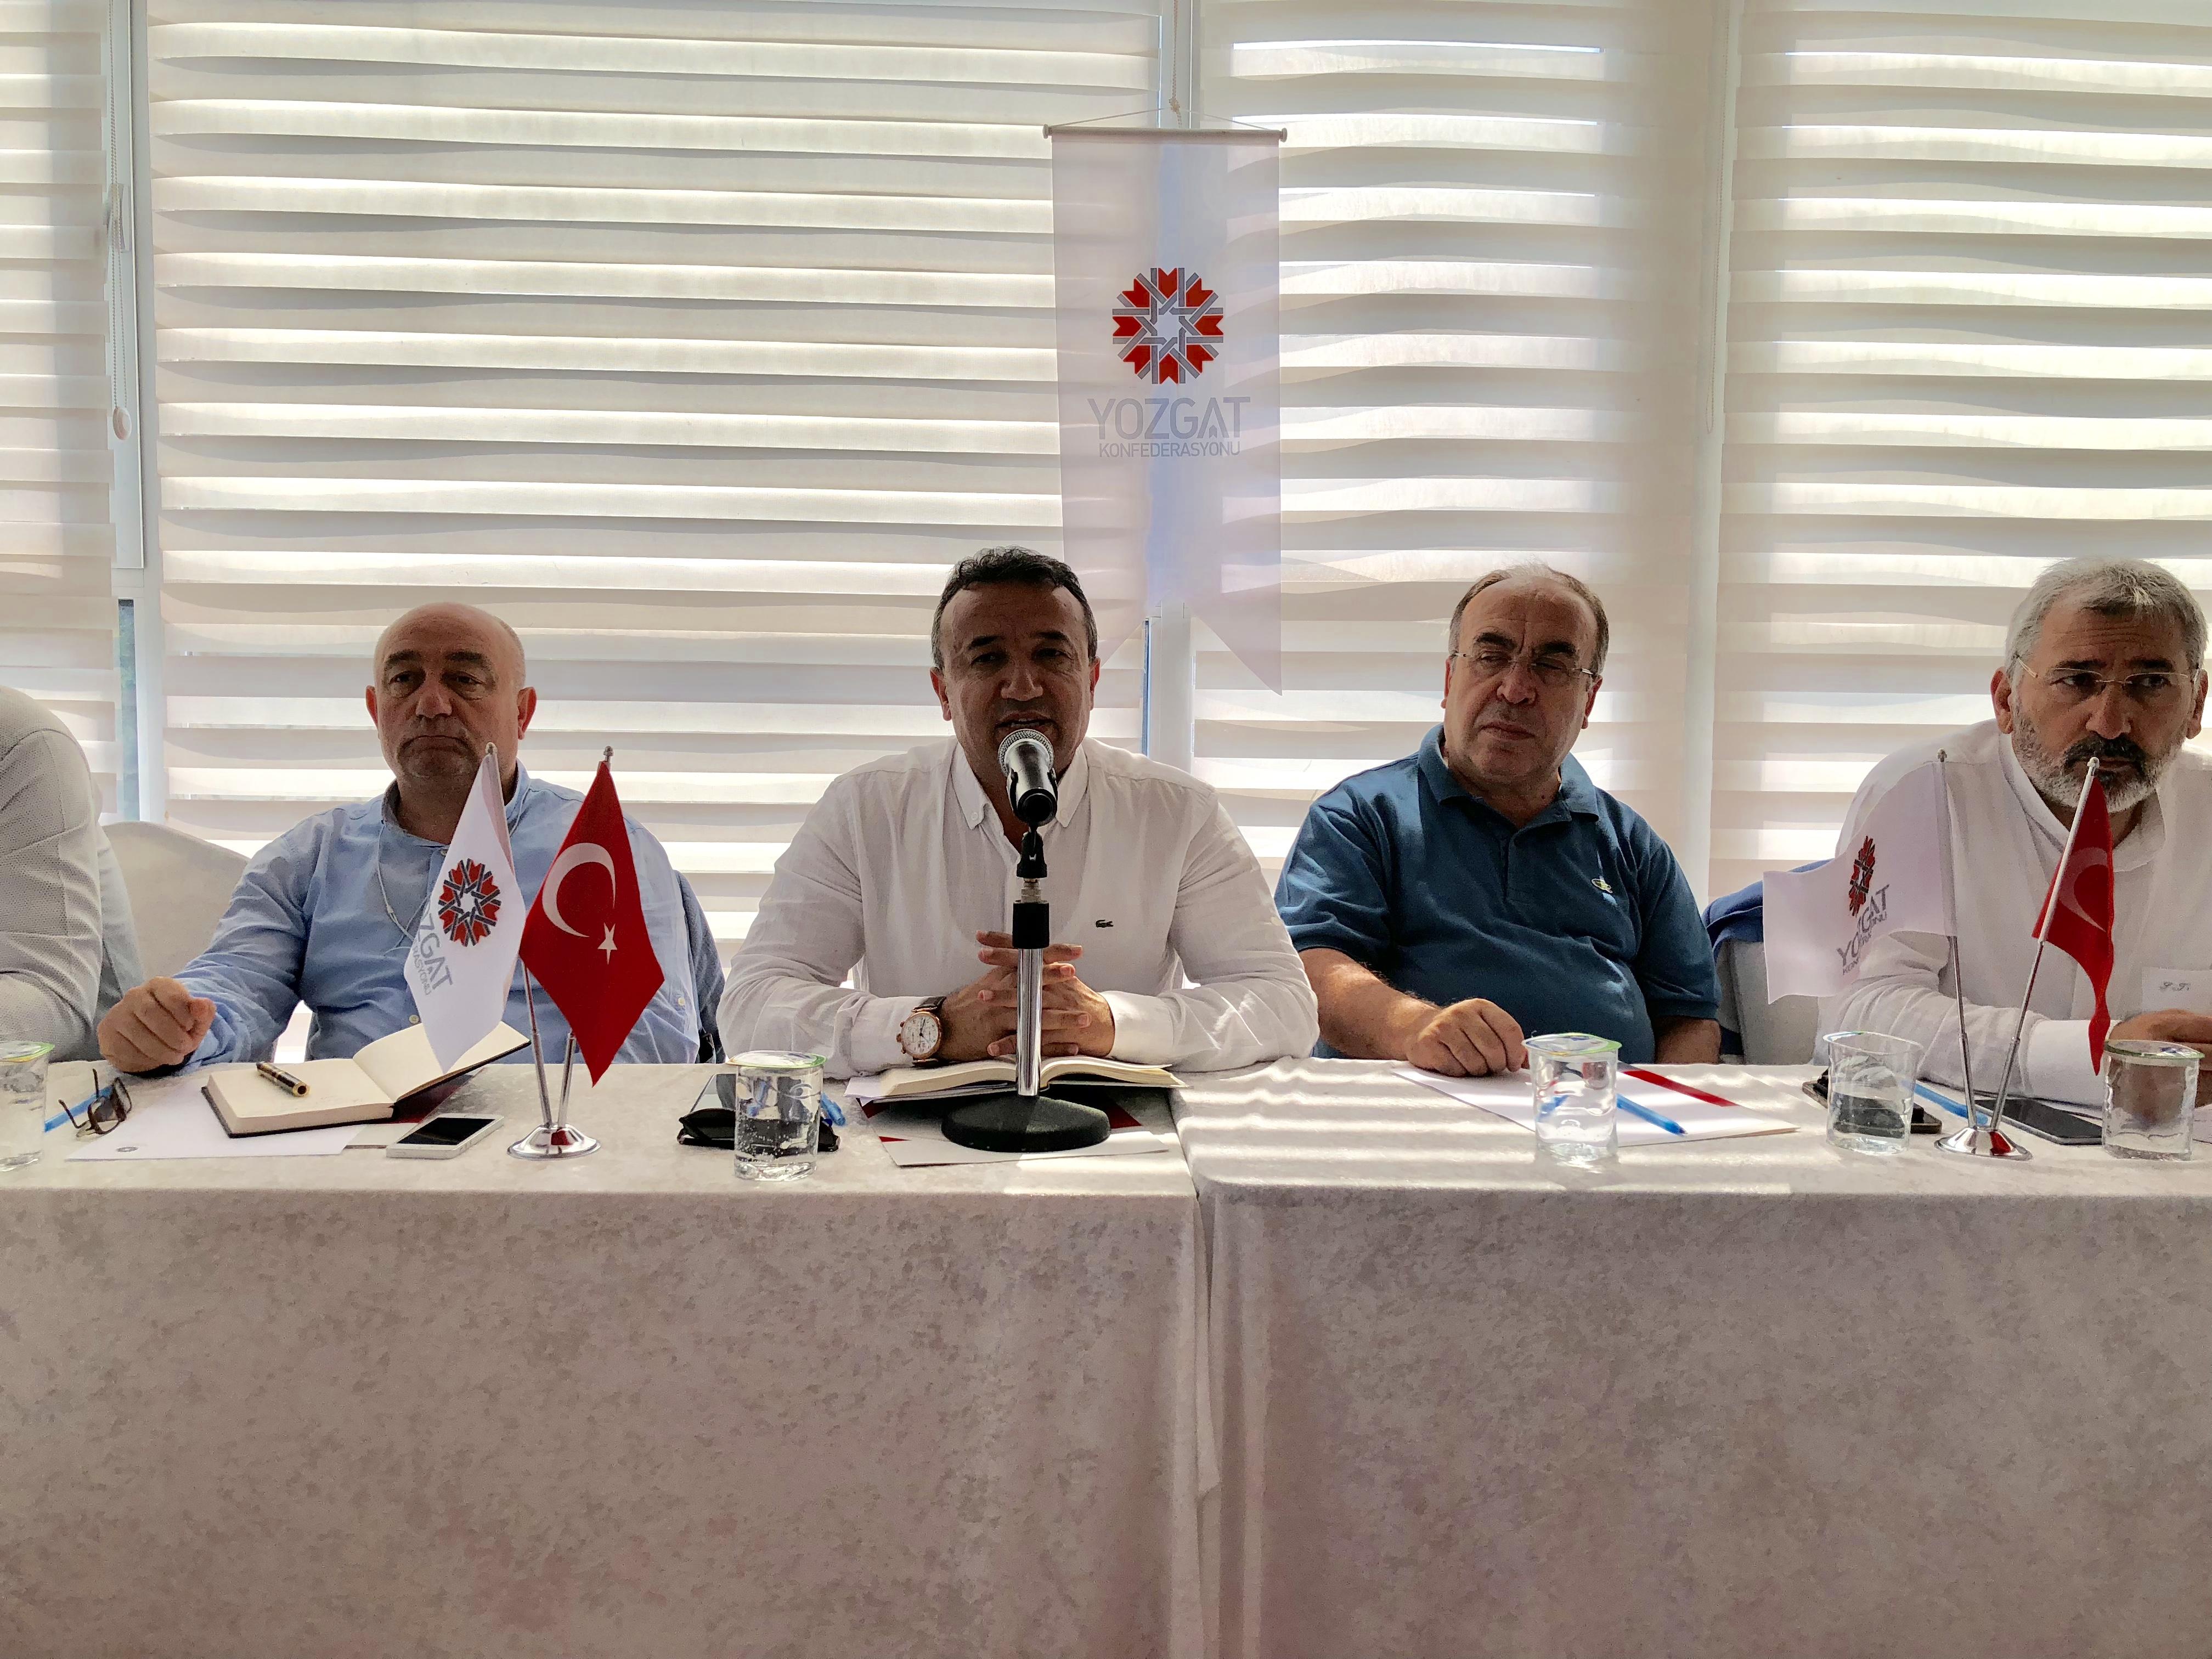 Yozgat Konfederasyonu 2023 Stratejik Planı Yürürlüğe Girdi